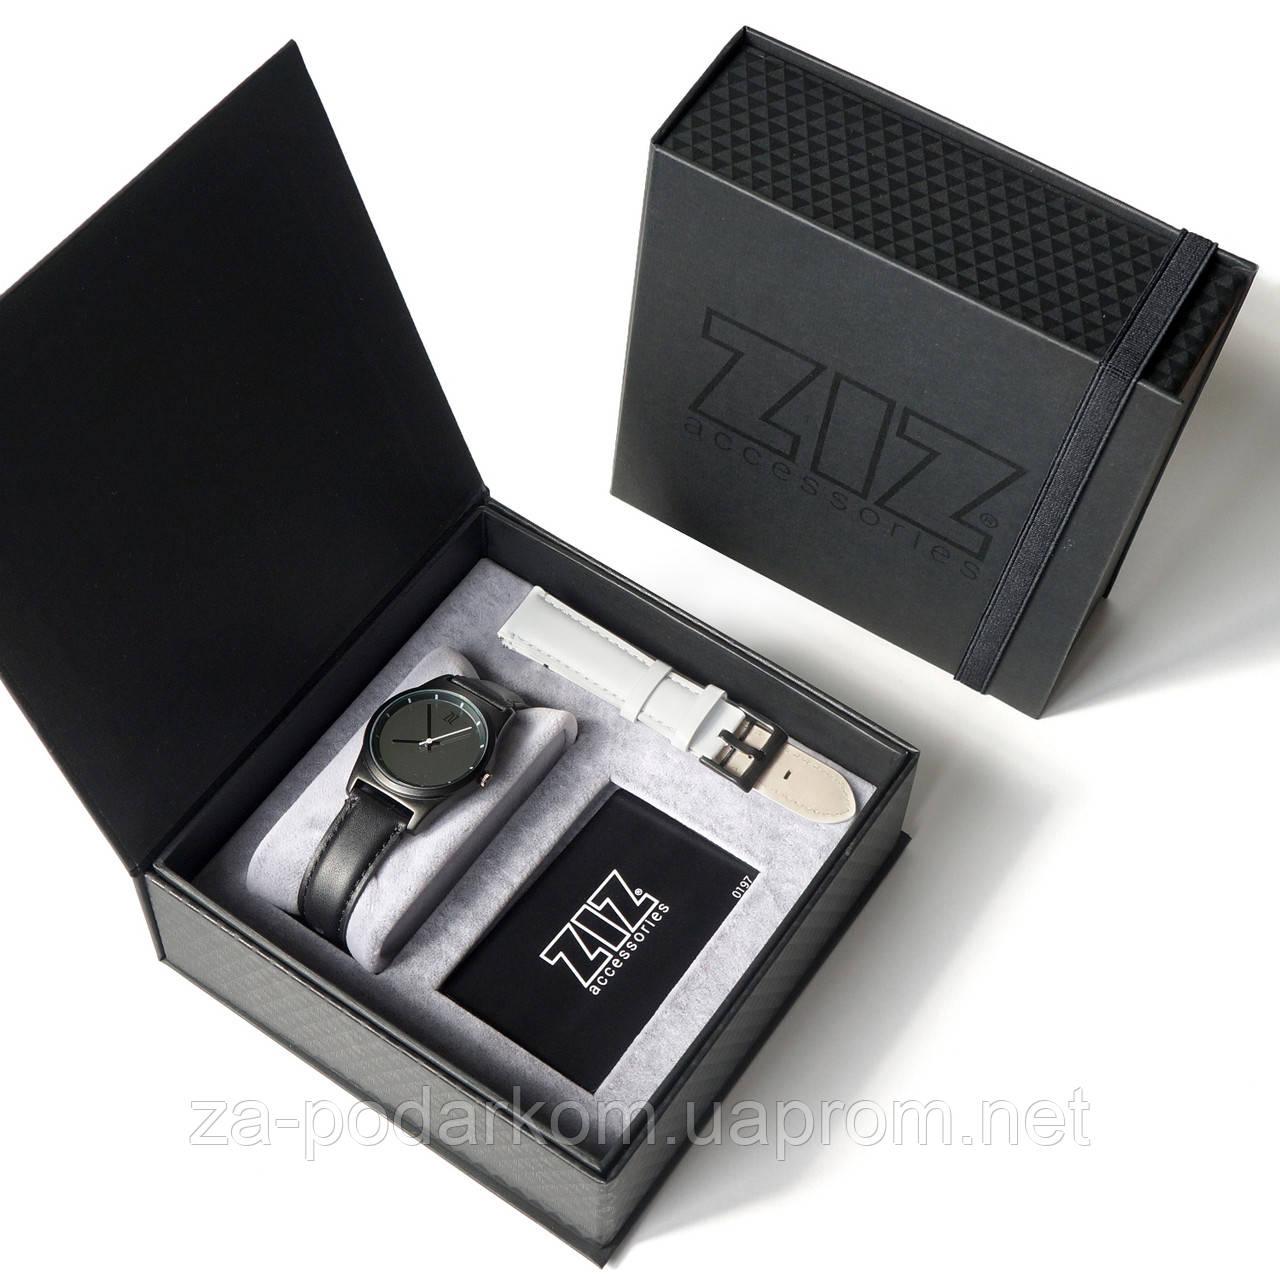 Мужчине подарок часы часы президент купить в омске